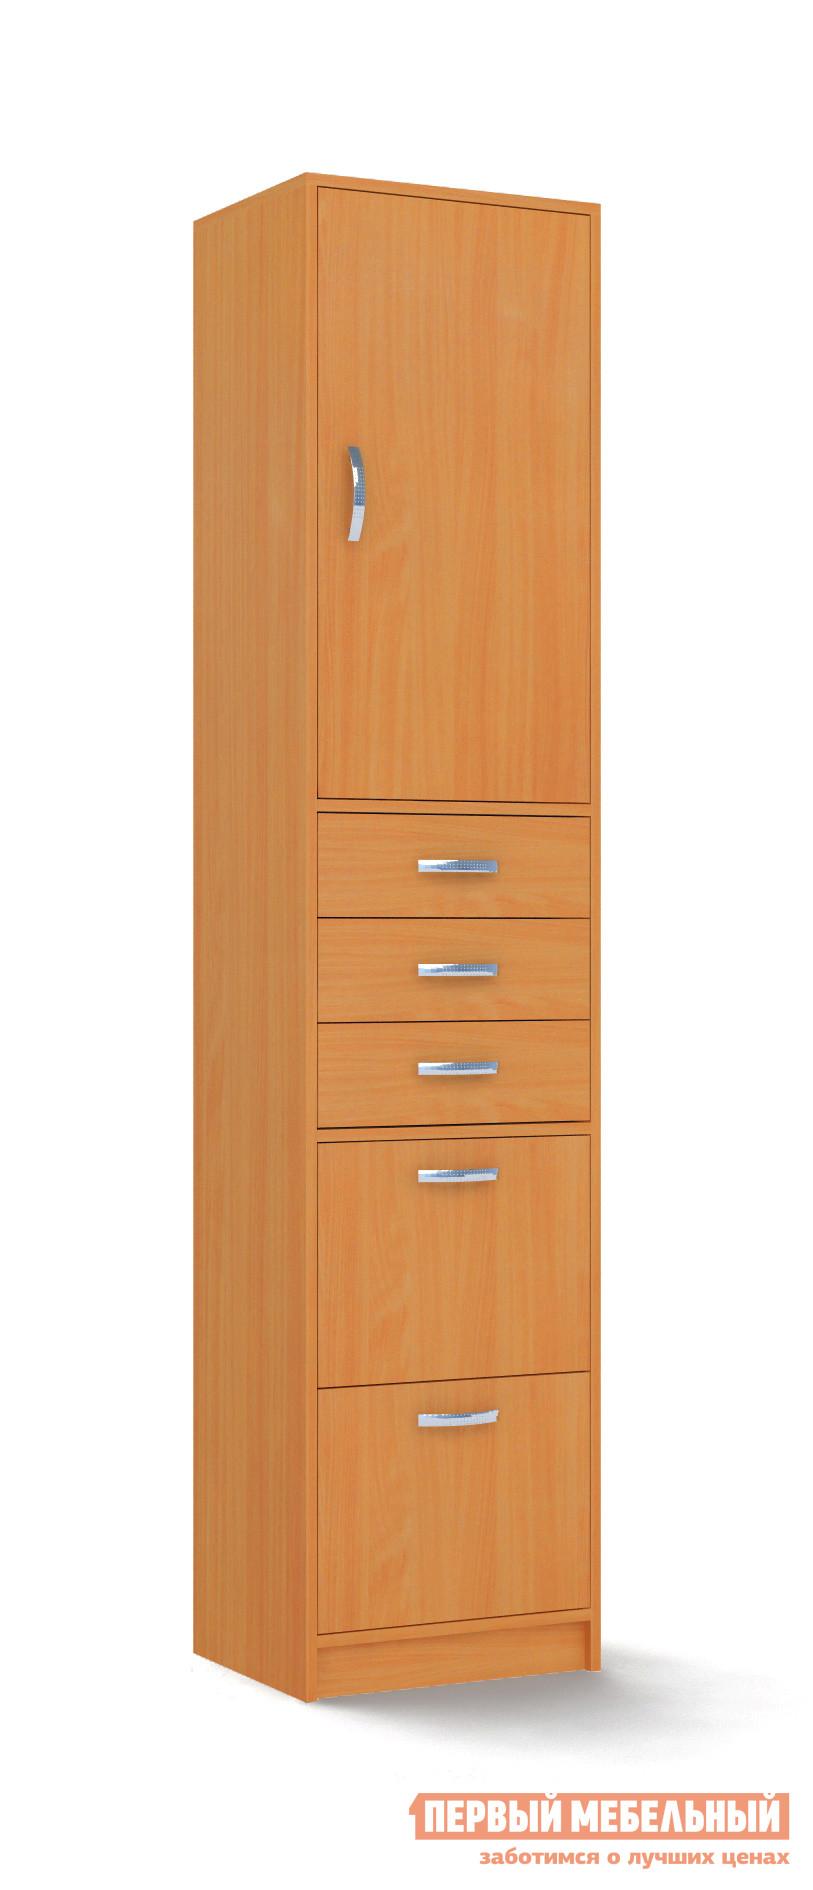 Шкаф для обуви МФ Мастер Обувница с ящиками и полками (ОЯП)